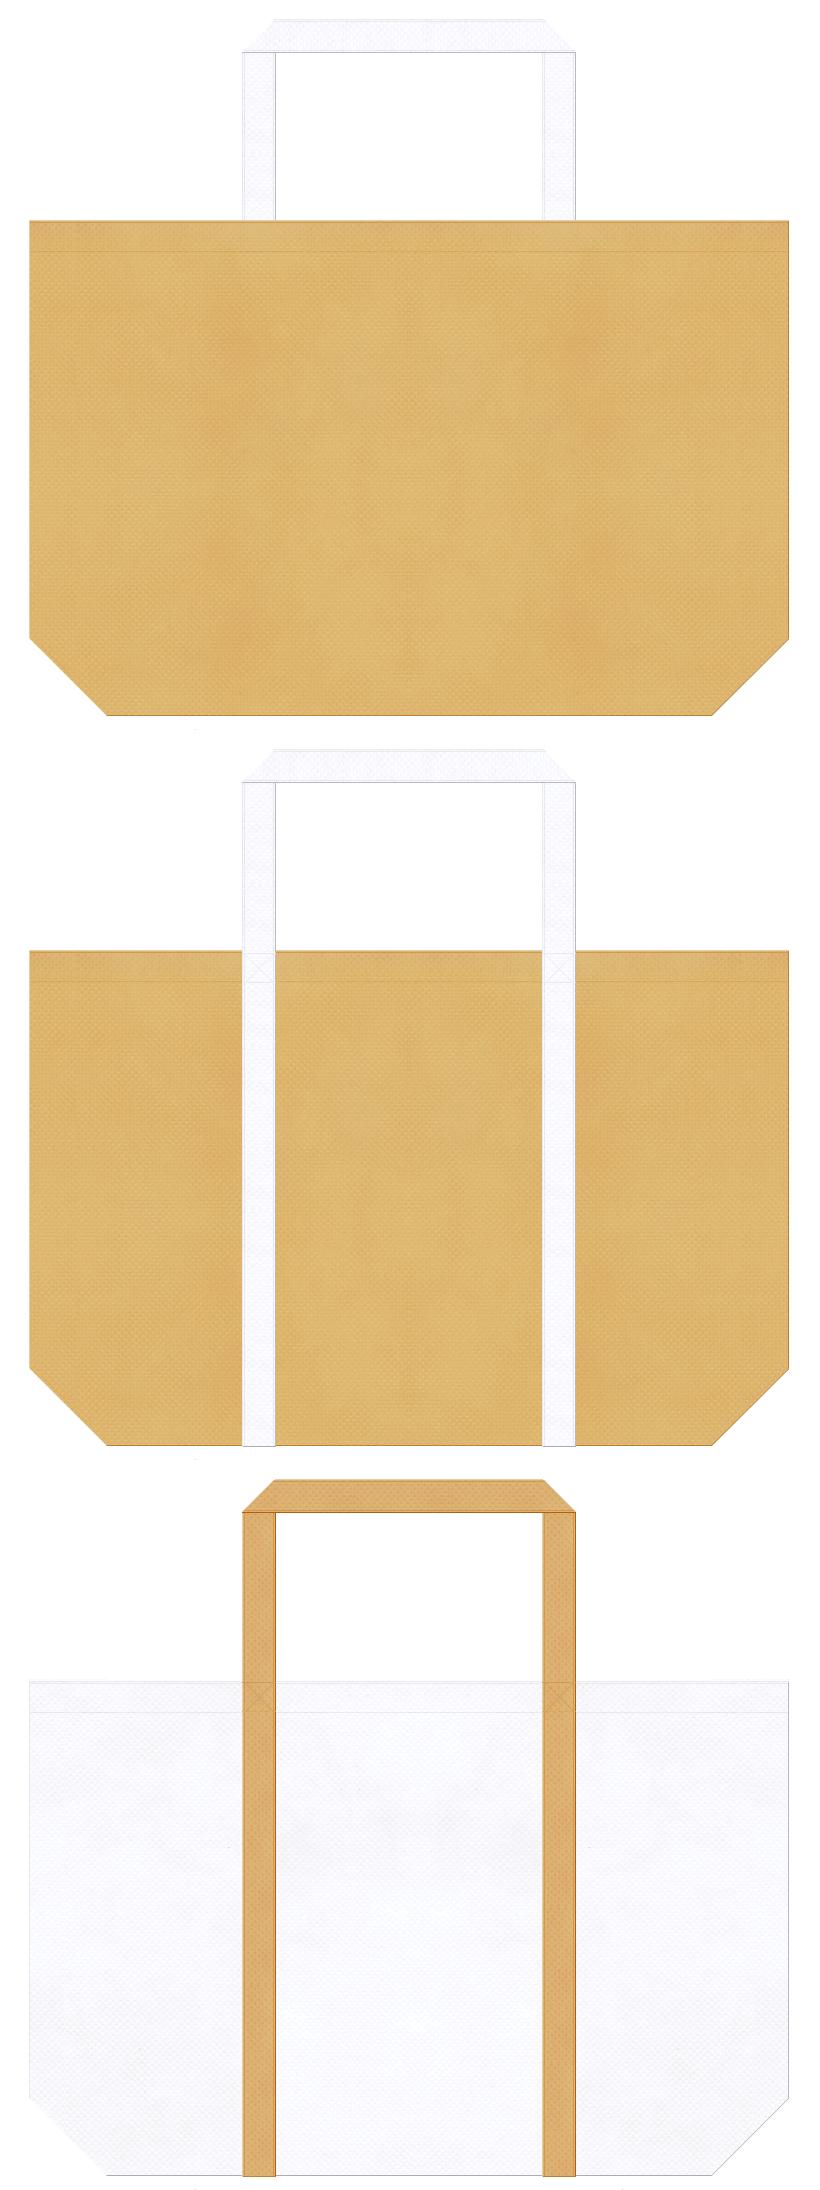 薄黄土色と白色の不織布ショッピングバッグデザイン。